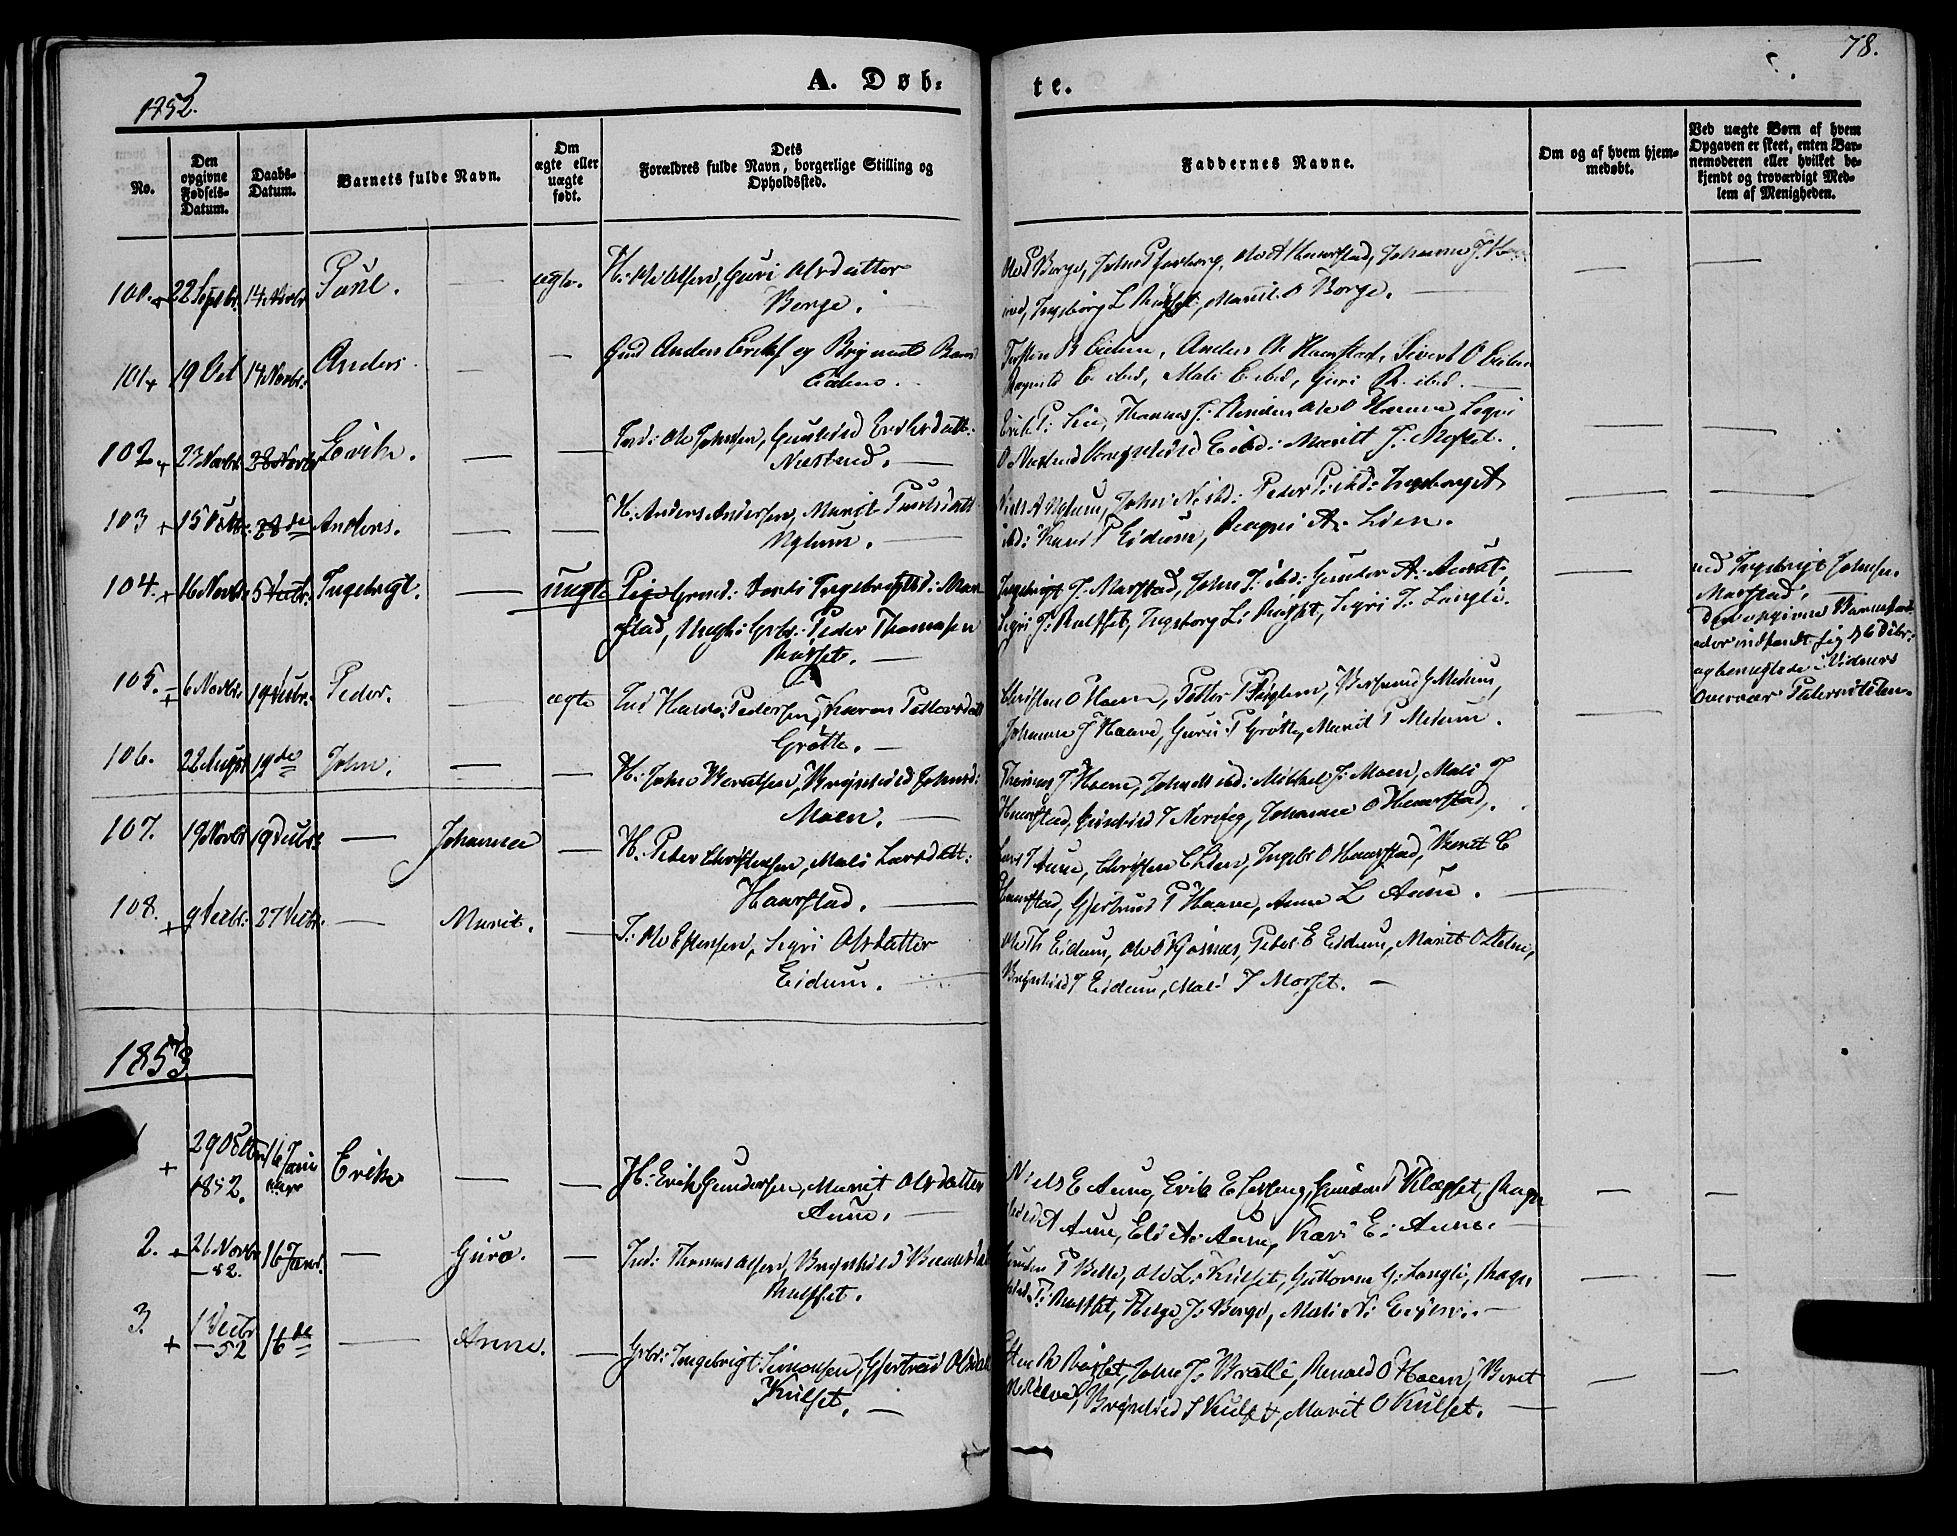 SAT, Ministerialprotokoller, klokkerbøker og fødselsregistre - Sør-Trøndelag, 695/L1145: Ministerialbok nr. 695A06 /1, 1843-1859, s. 78